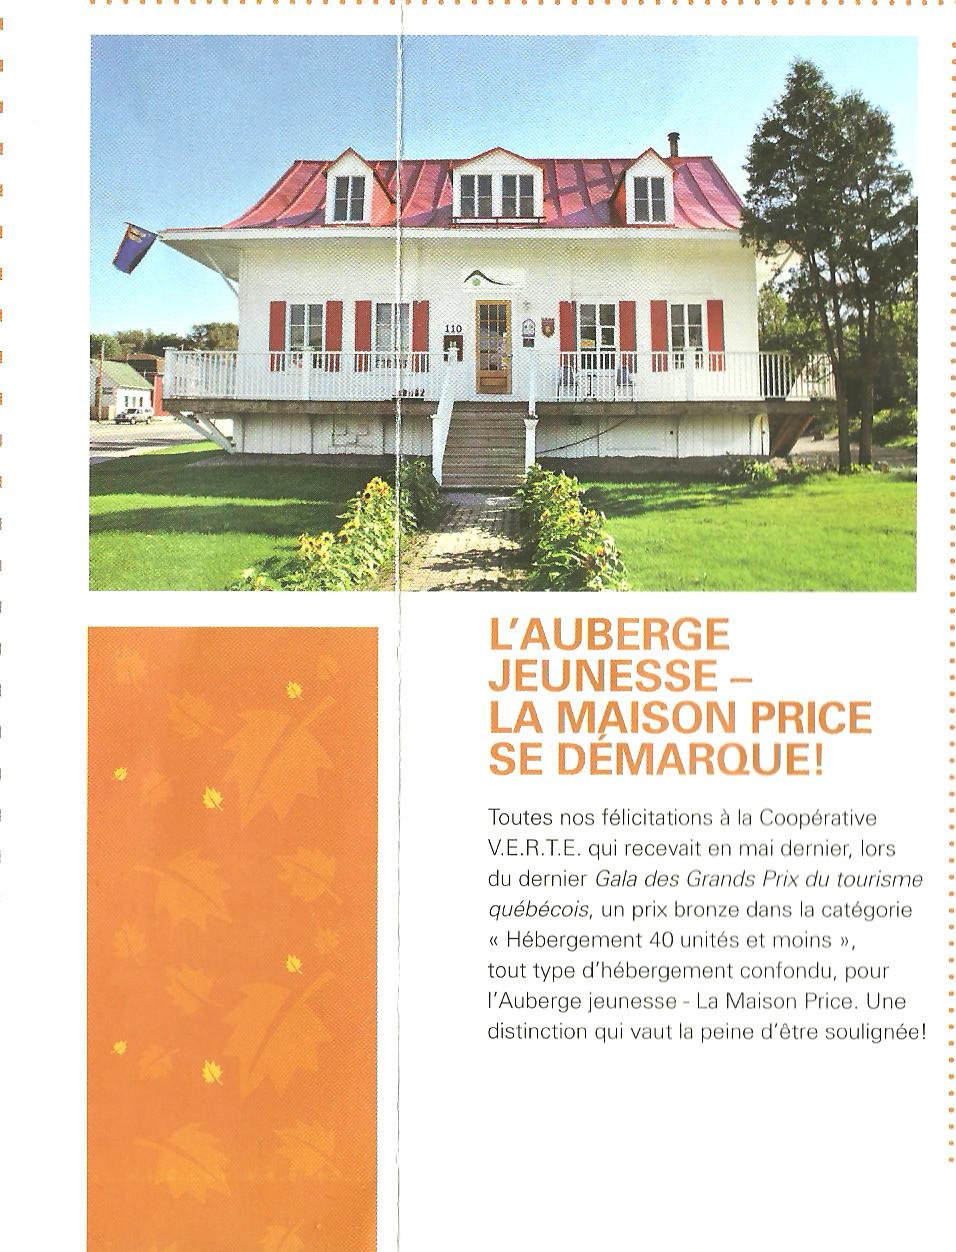 M dias presse coop rative de solidarit v e r t e for Auberge jeunesse de saguenay la maison price